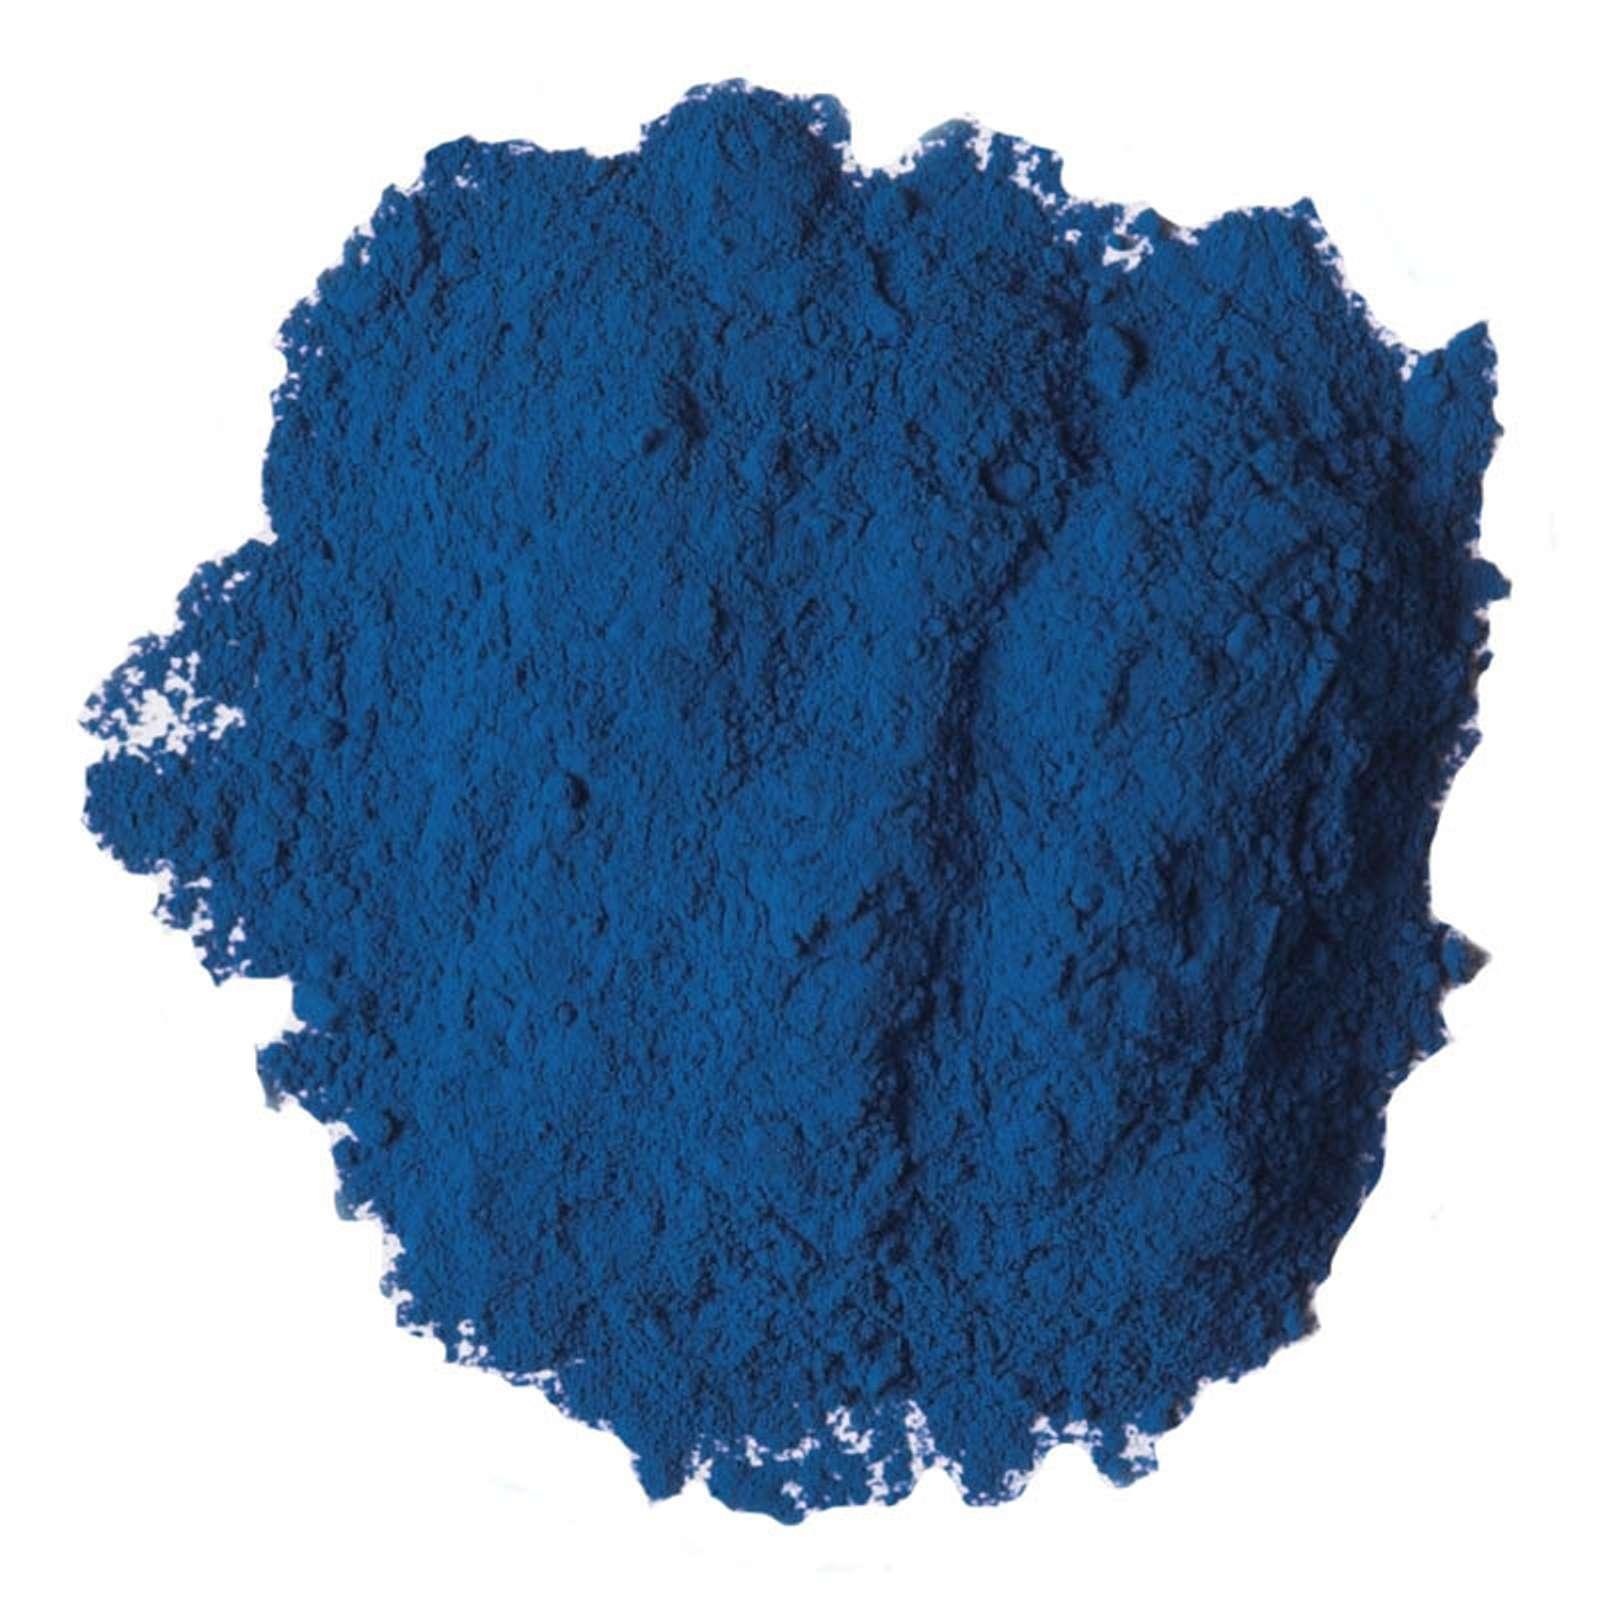 Купить пигмент синий для бетона купить изделия из бетона